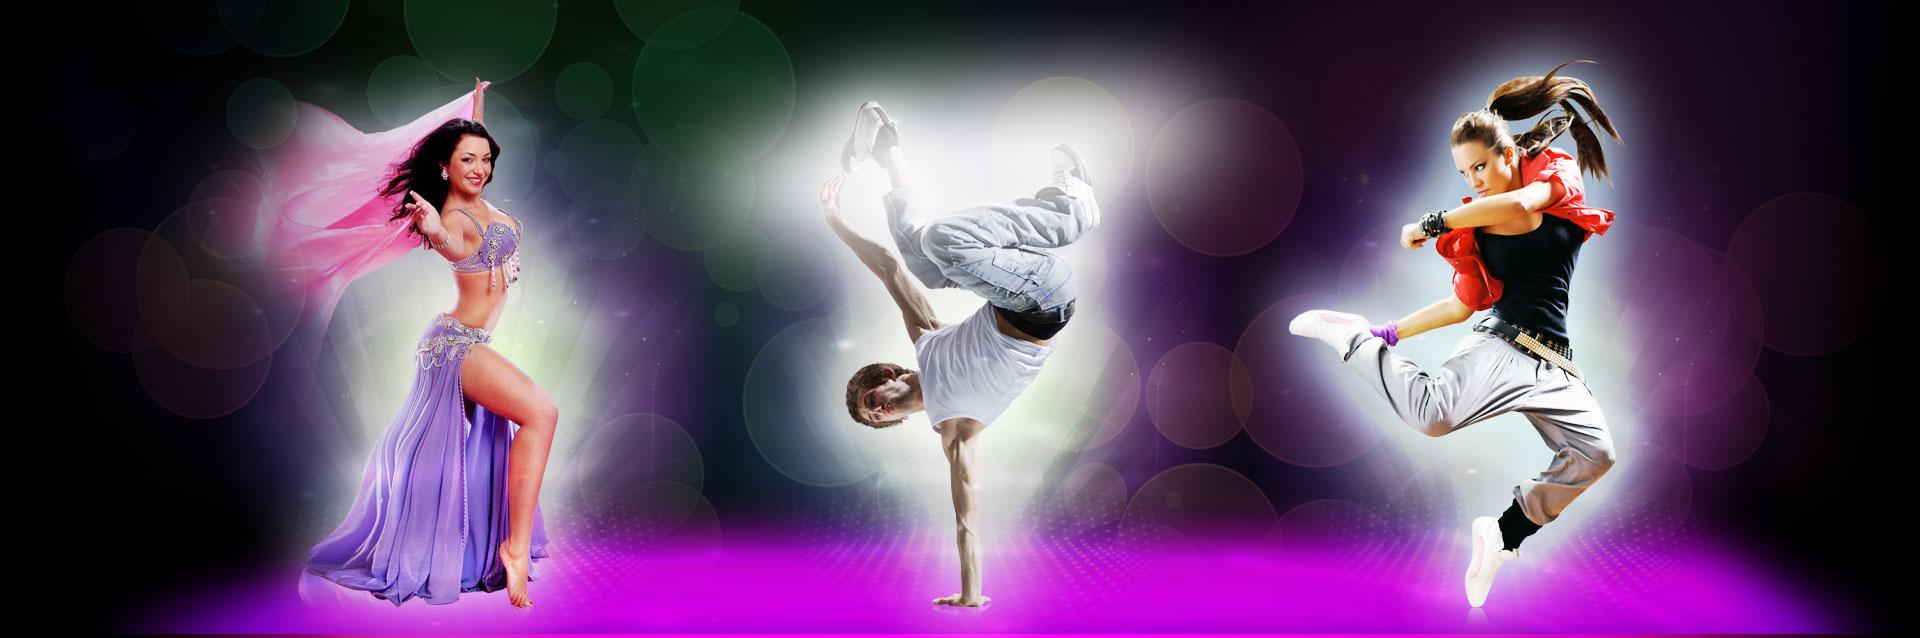 Школа танцев, как бизнес идея